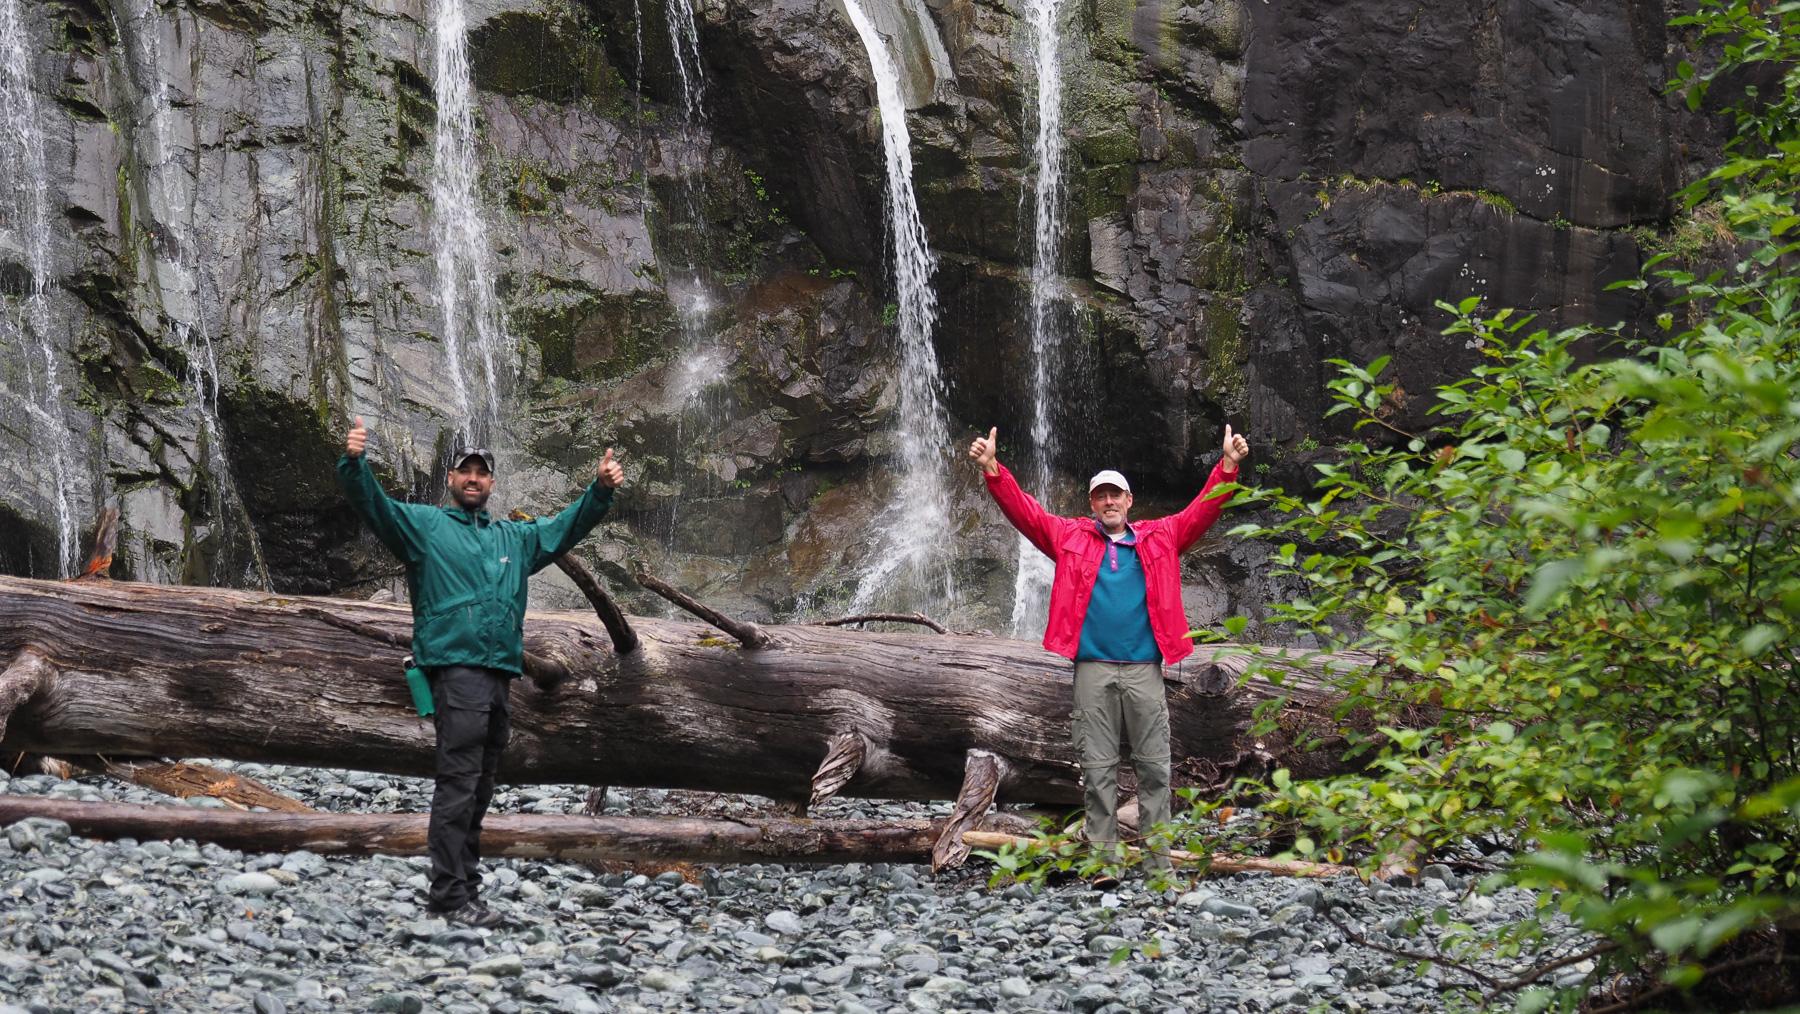 Geschafft! Wir haben den kleinen Wasserfall gefunden